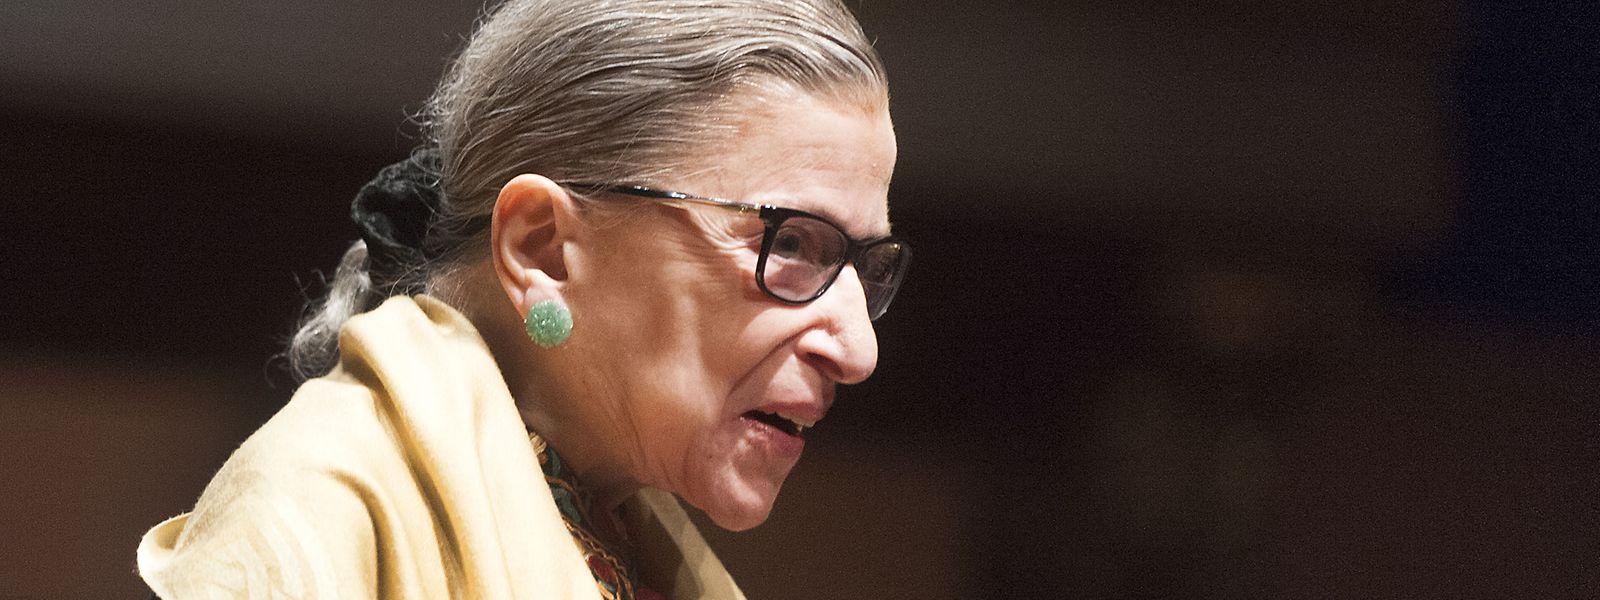 Ruth Bader Ginsburg, Richterin am Obersten Gericht der USA, bei einer Veranstaltung im Hill Auditorium auf dem Campus der University of Michigan. Die amerikanische Justiz-Ikone ist im Alter von 87 Jahren gestorben.